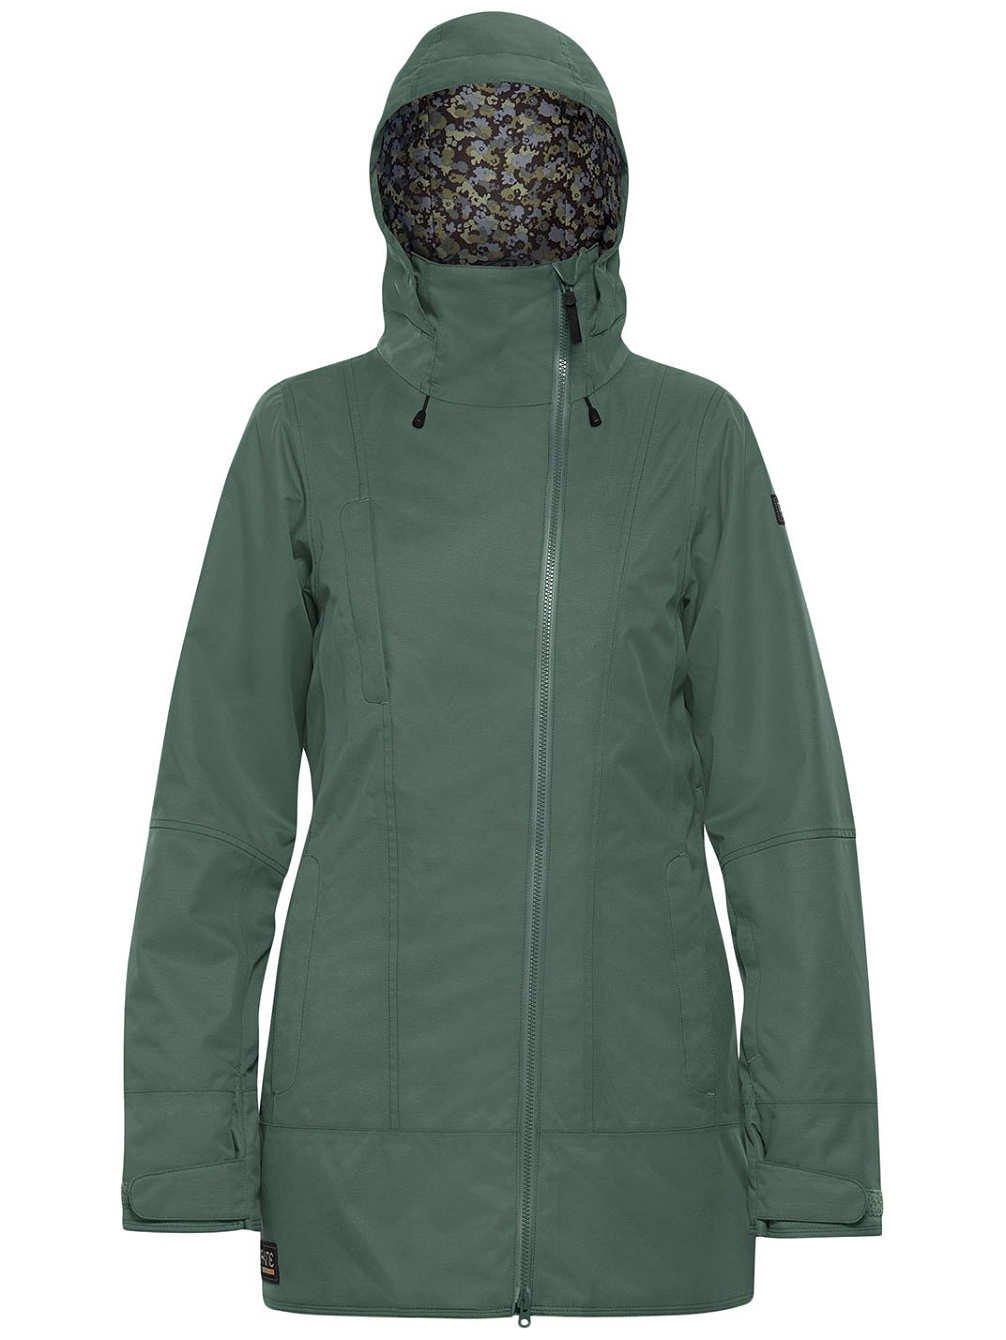 Damen Snowboard Jacke Dakine Kearns Jacket günstig bestellen